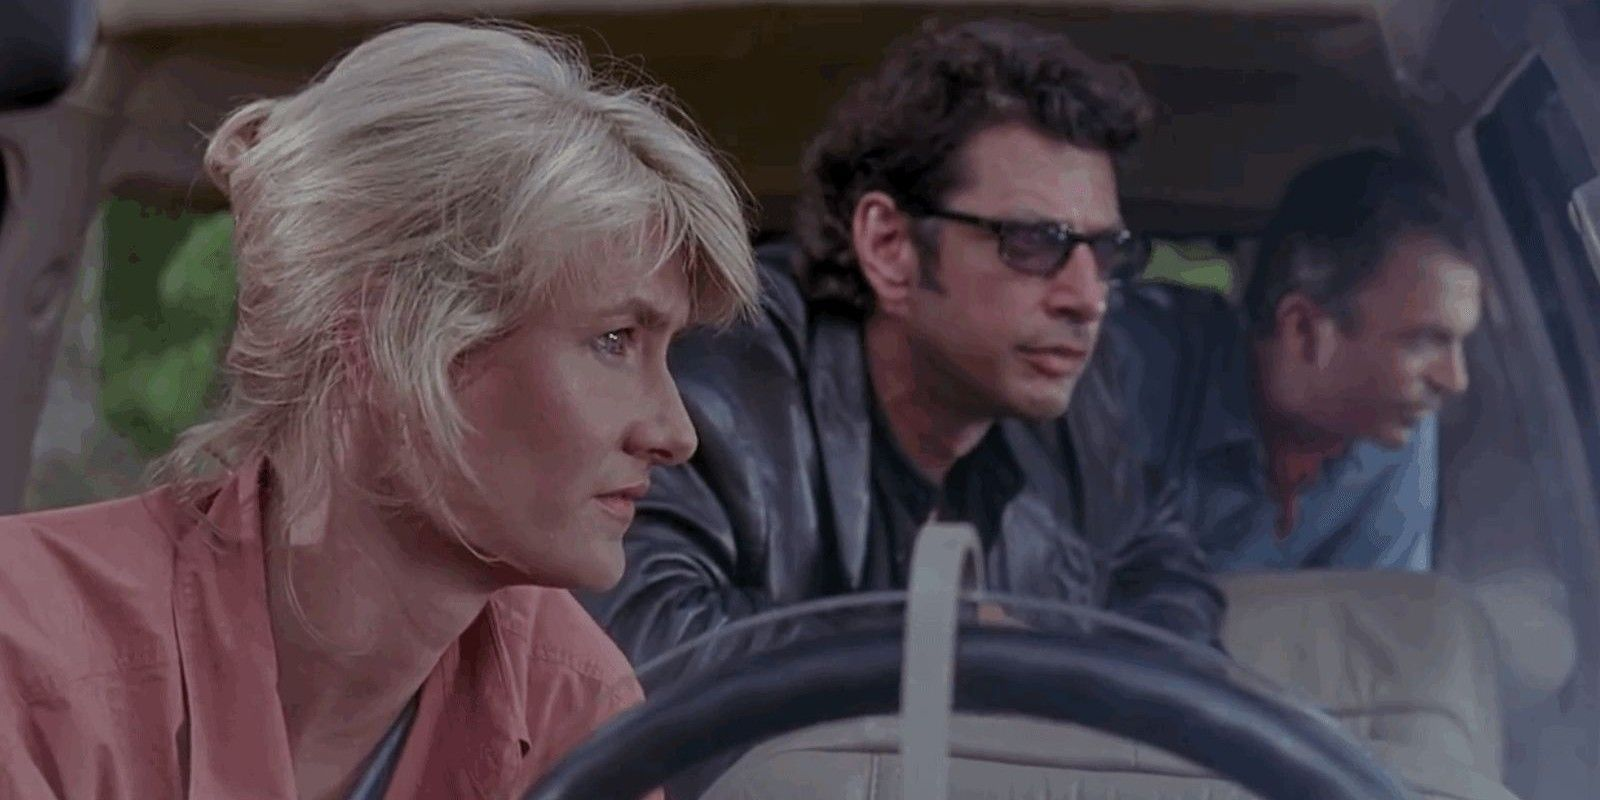 Exclusivo: Diretor de Jurassic World 3 Confirma que o trio original estará em todo o filme 1